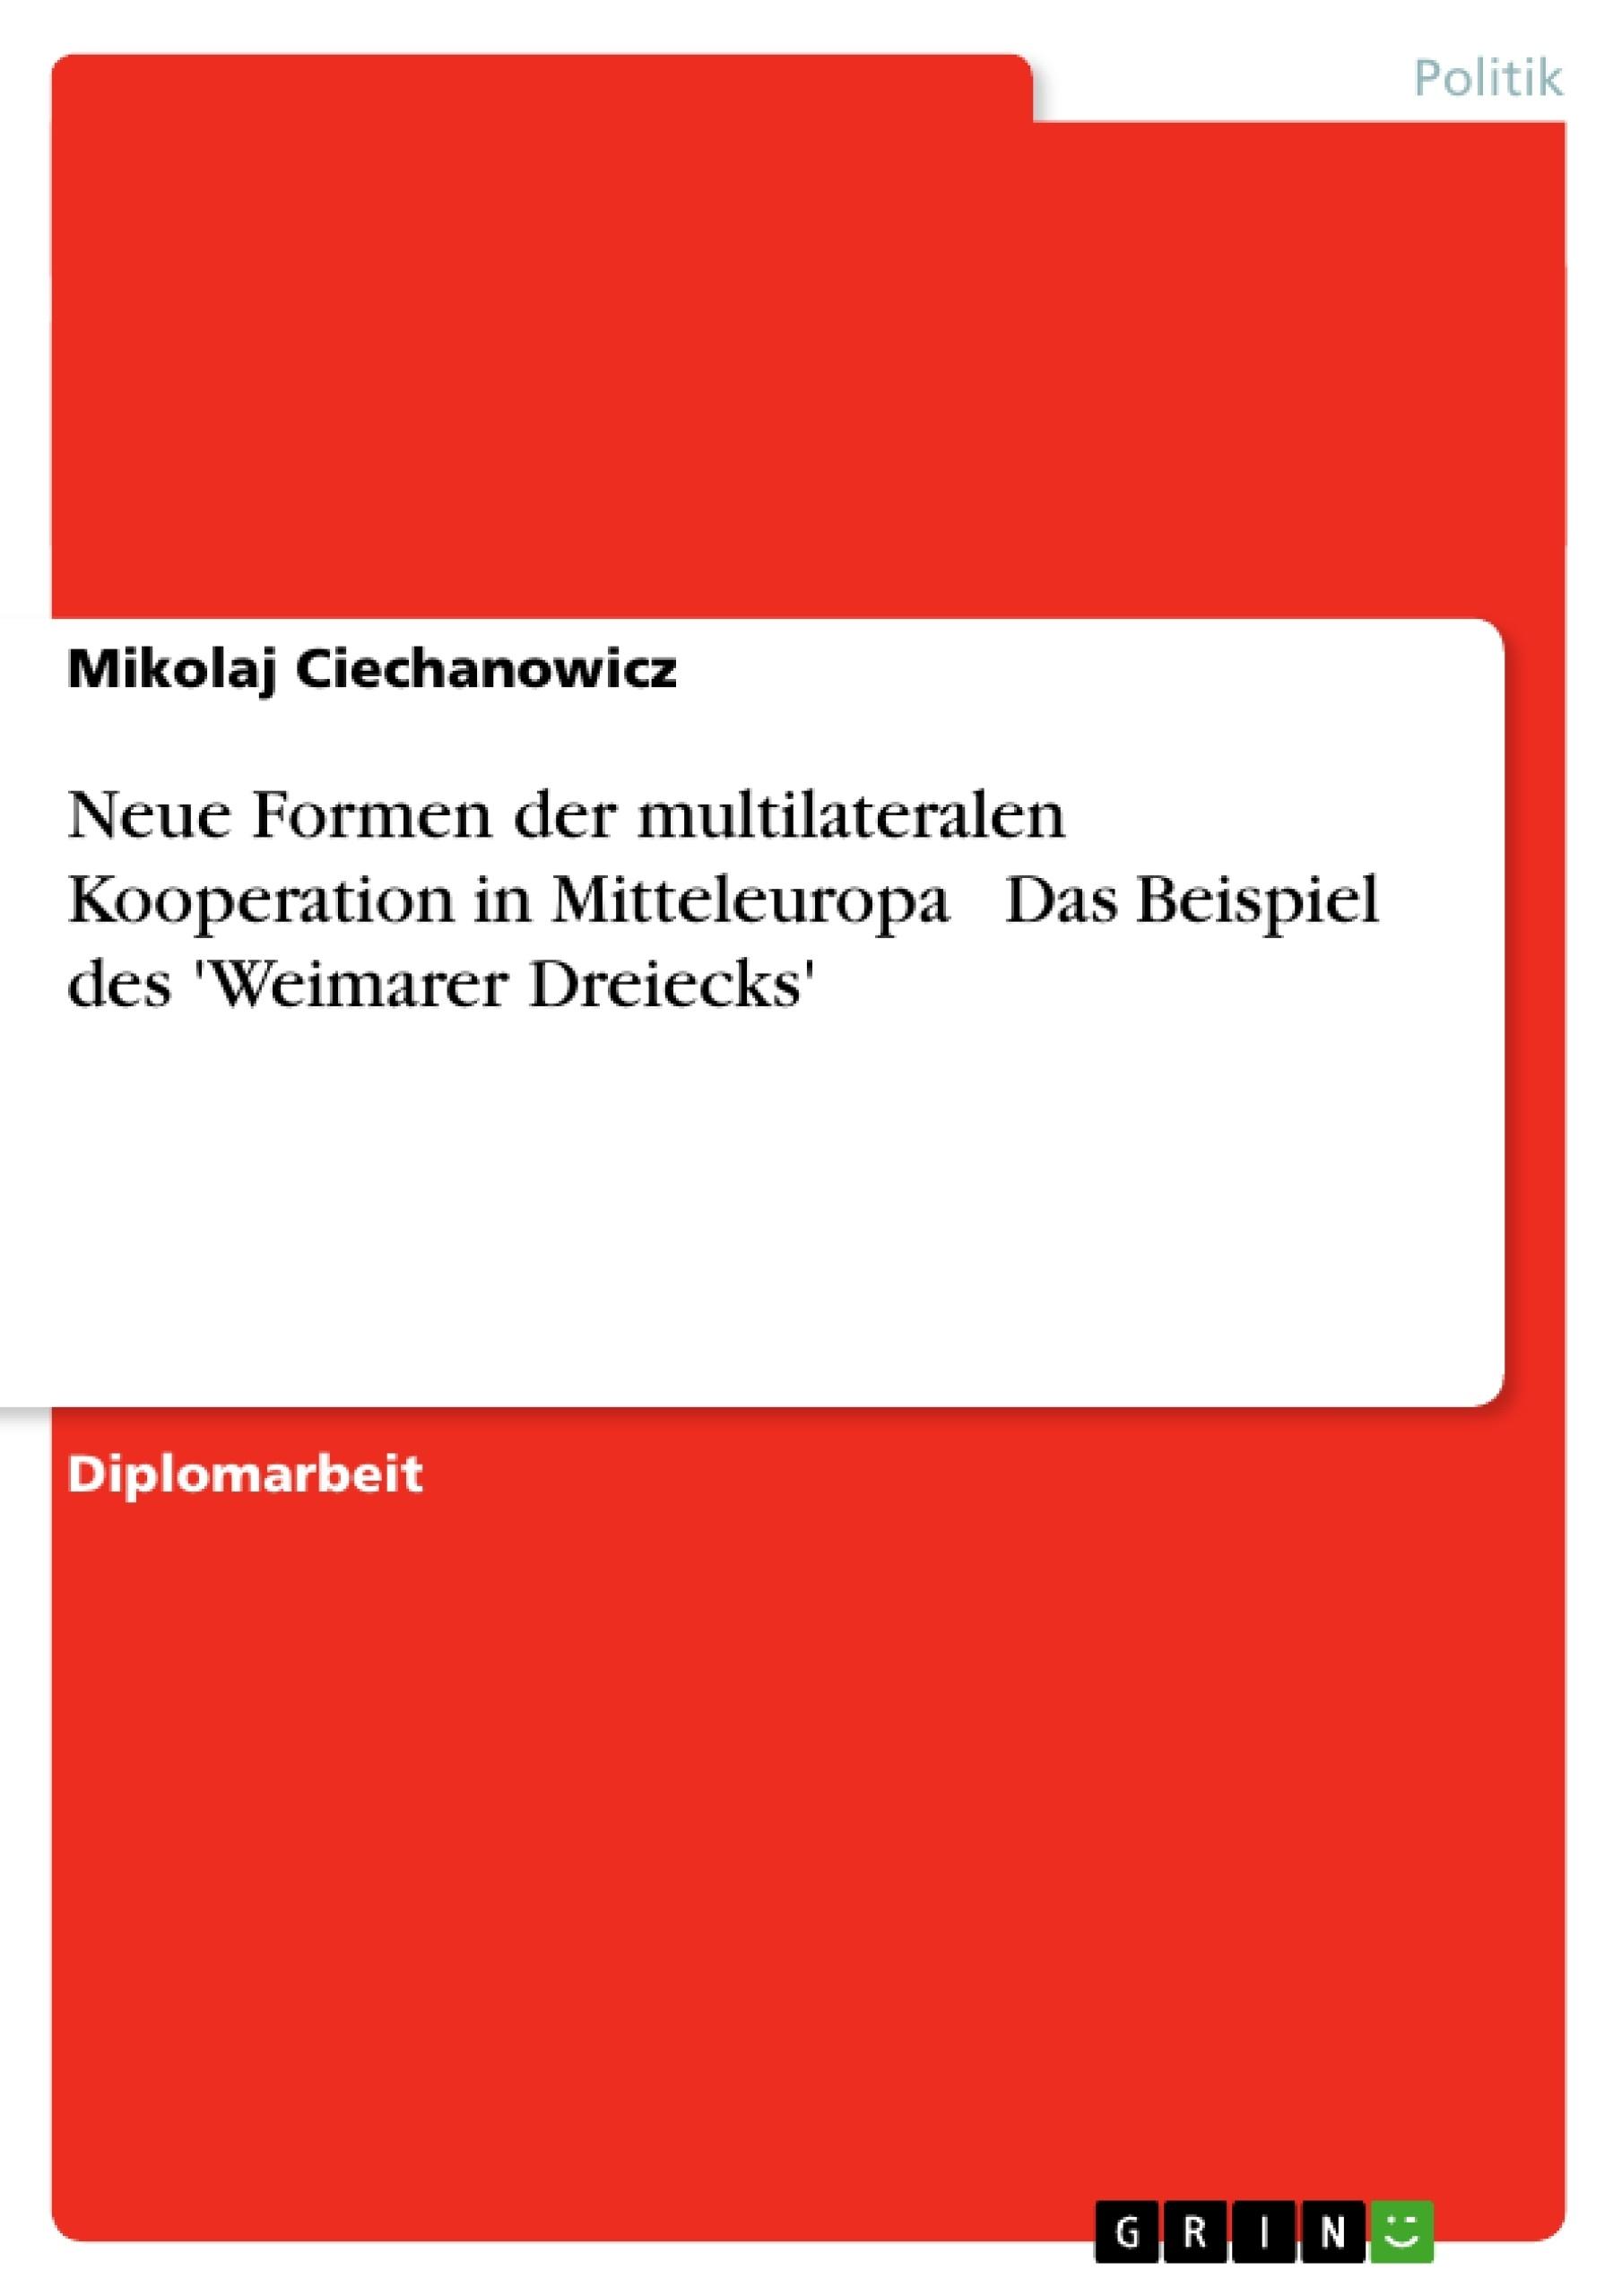 Titel: Neue Formen der multilateralen Kooperation in Mitteleuropa — Das Beispiel des 'Weimarer Dreiecks'